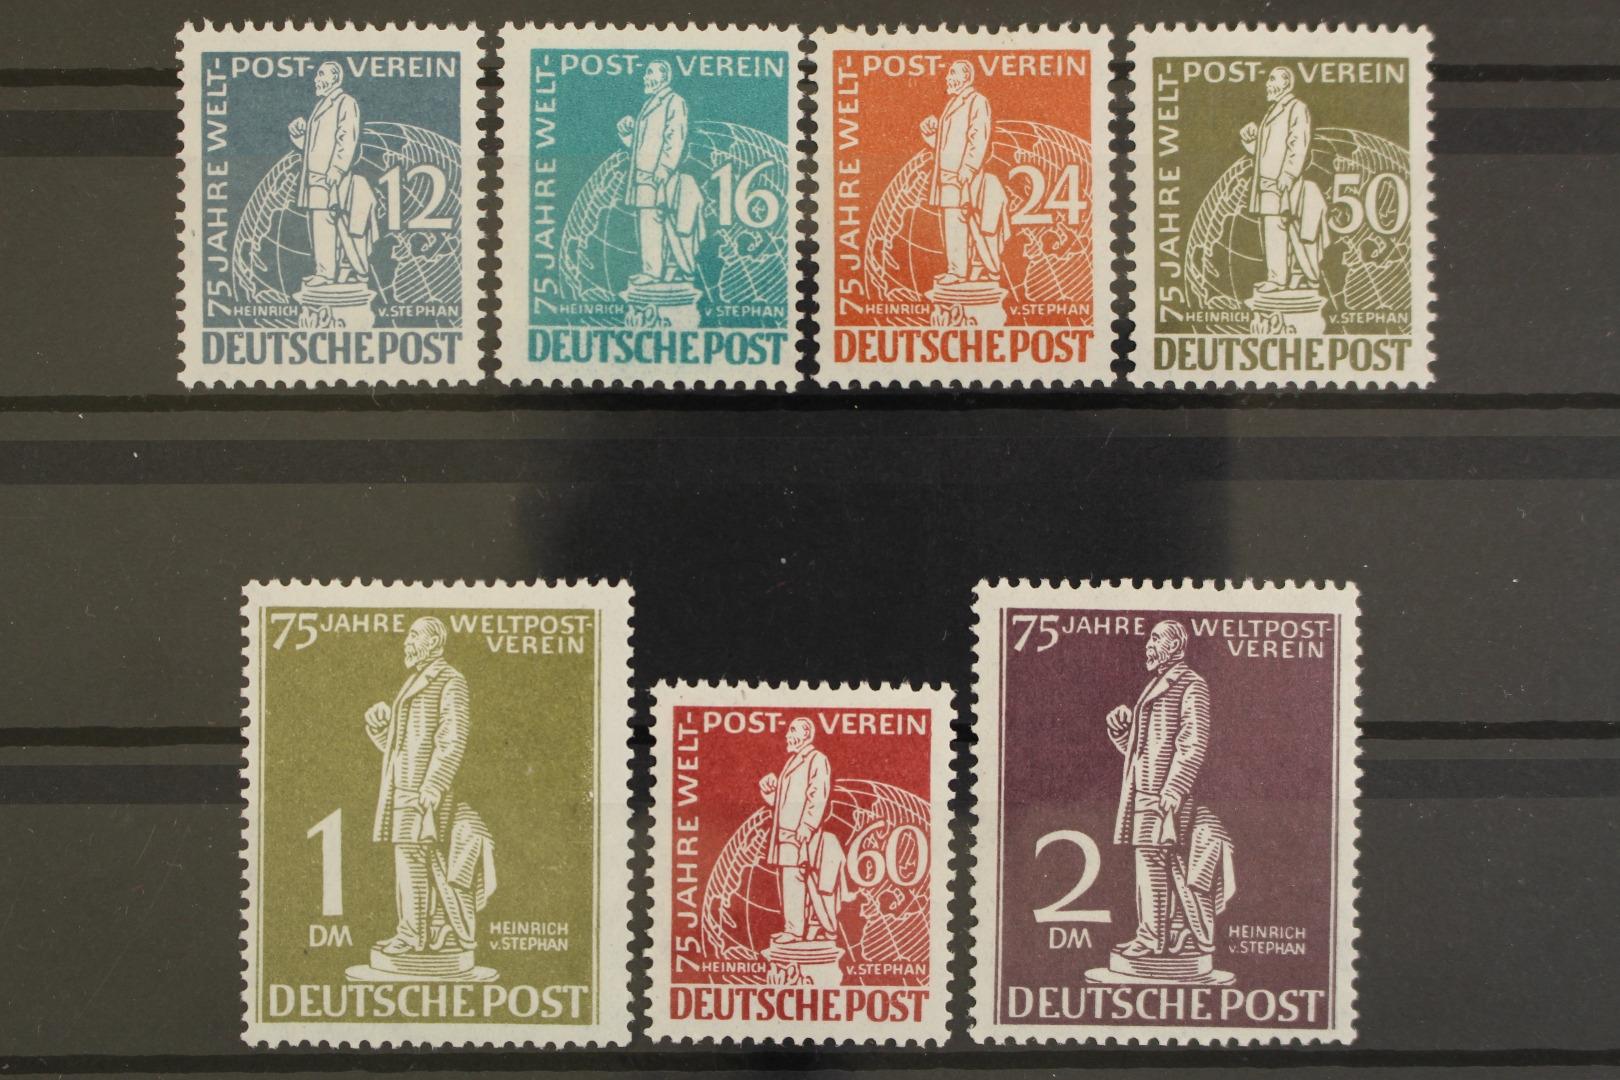 28 Geprüft Schlegel Siehe Bild Berlin 1949 Postfrisch Minr Geschichte